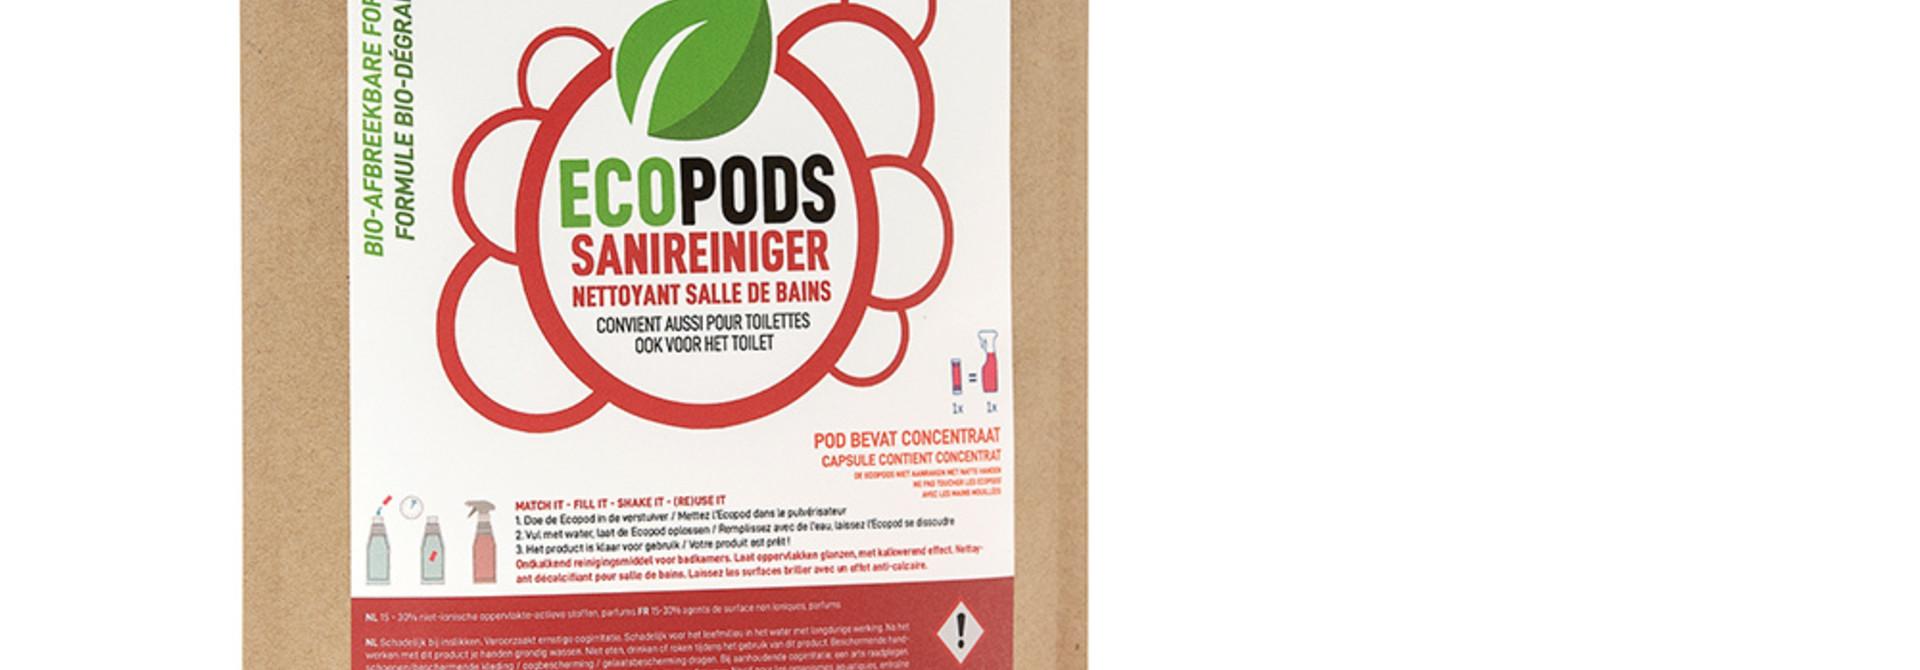 Sanireiniger - 3 capsules